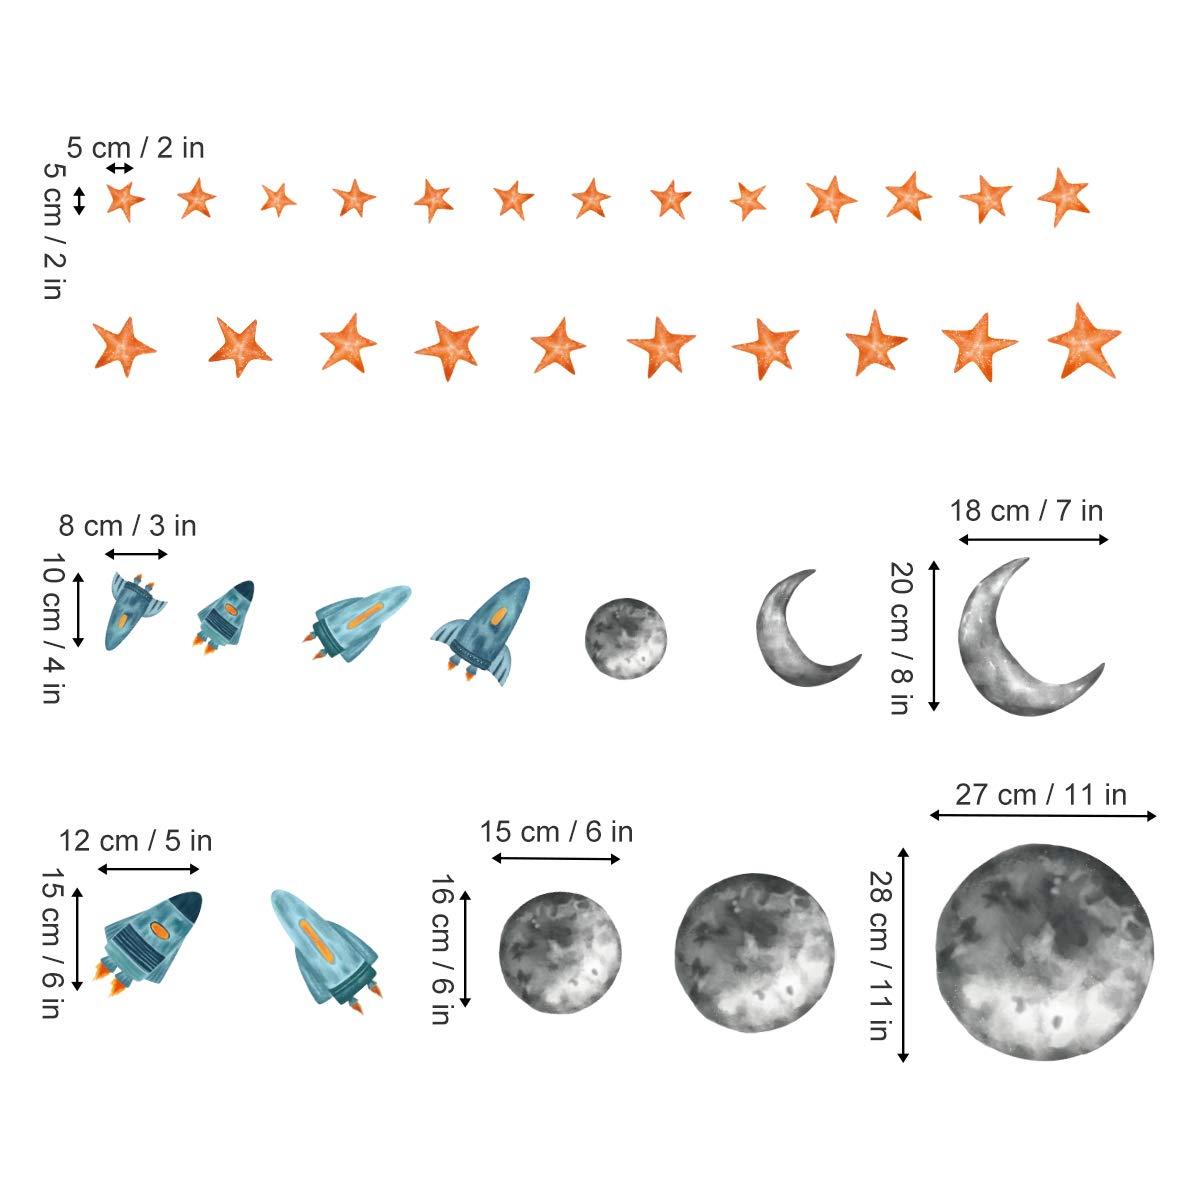 ufengke Pegatinas de Pared Espacio Exterior Vinilos Adhesivas Pared Planeta Cohete Estrella para Dormitorio Habitaci/ón Infantiles Ni/ños Sala de Estar